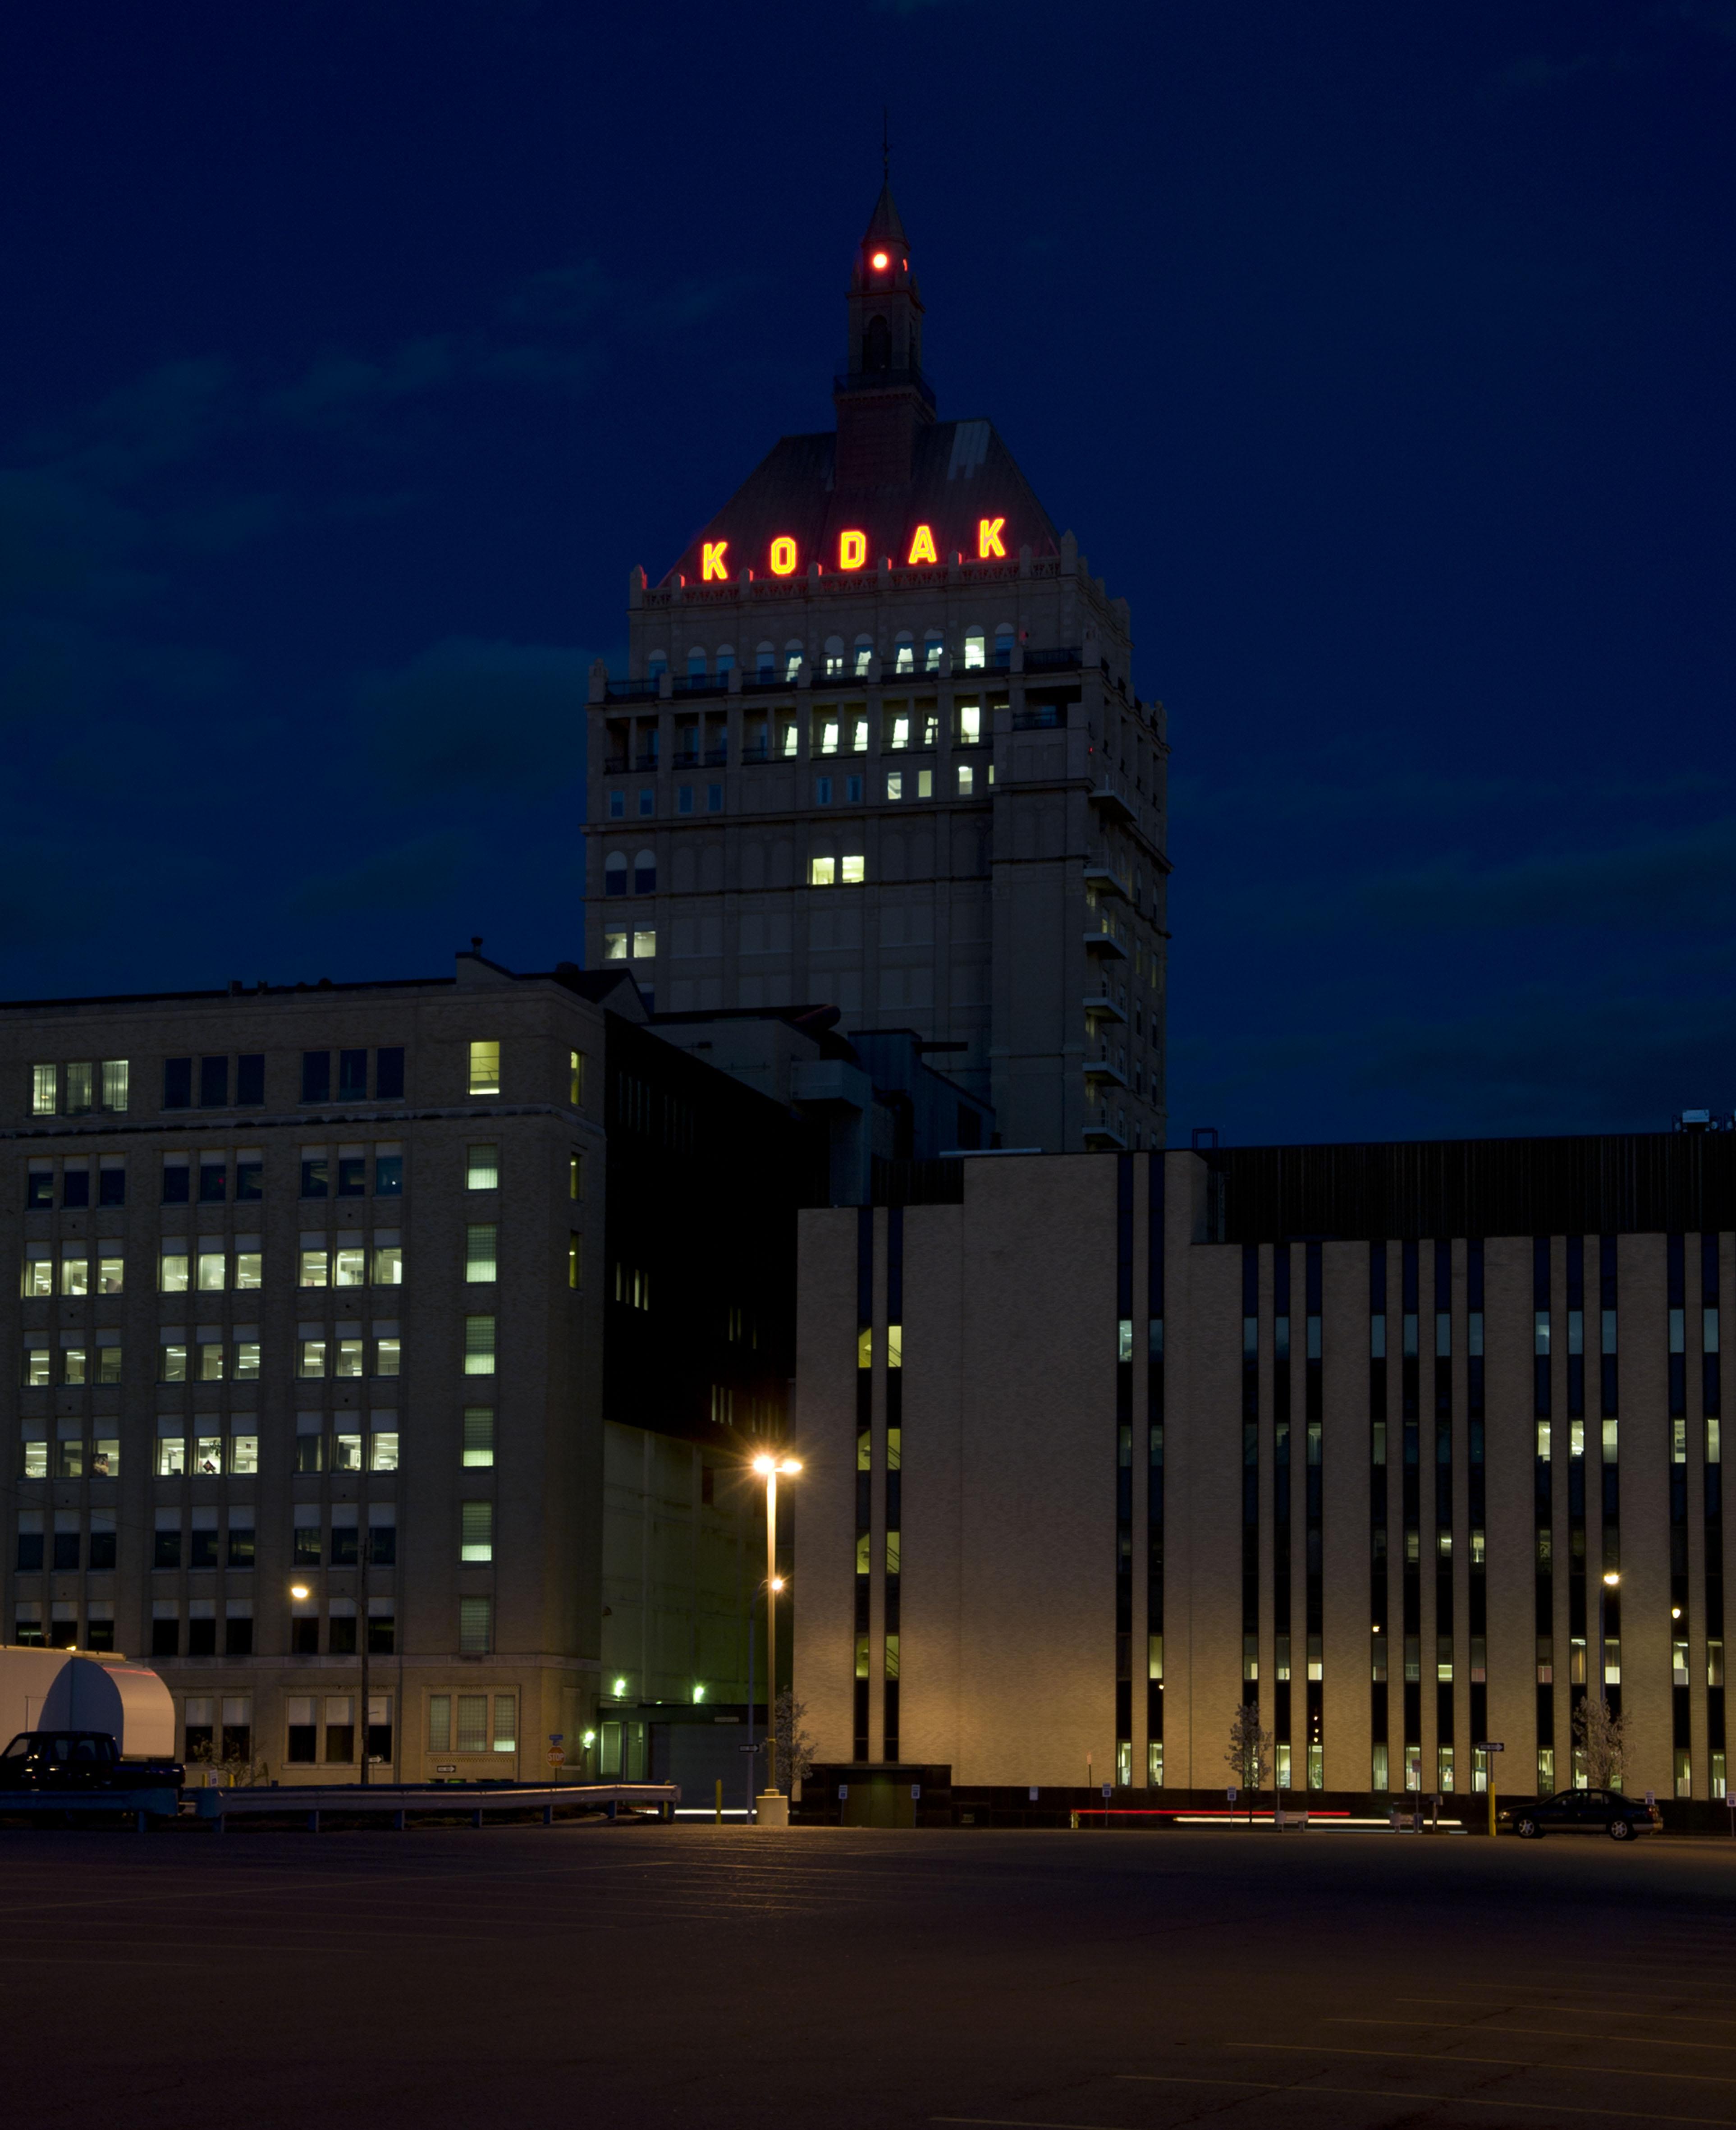 KodakTower_EastmanKodakOfficeBuilding_2012-1